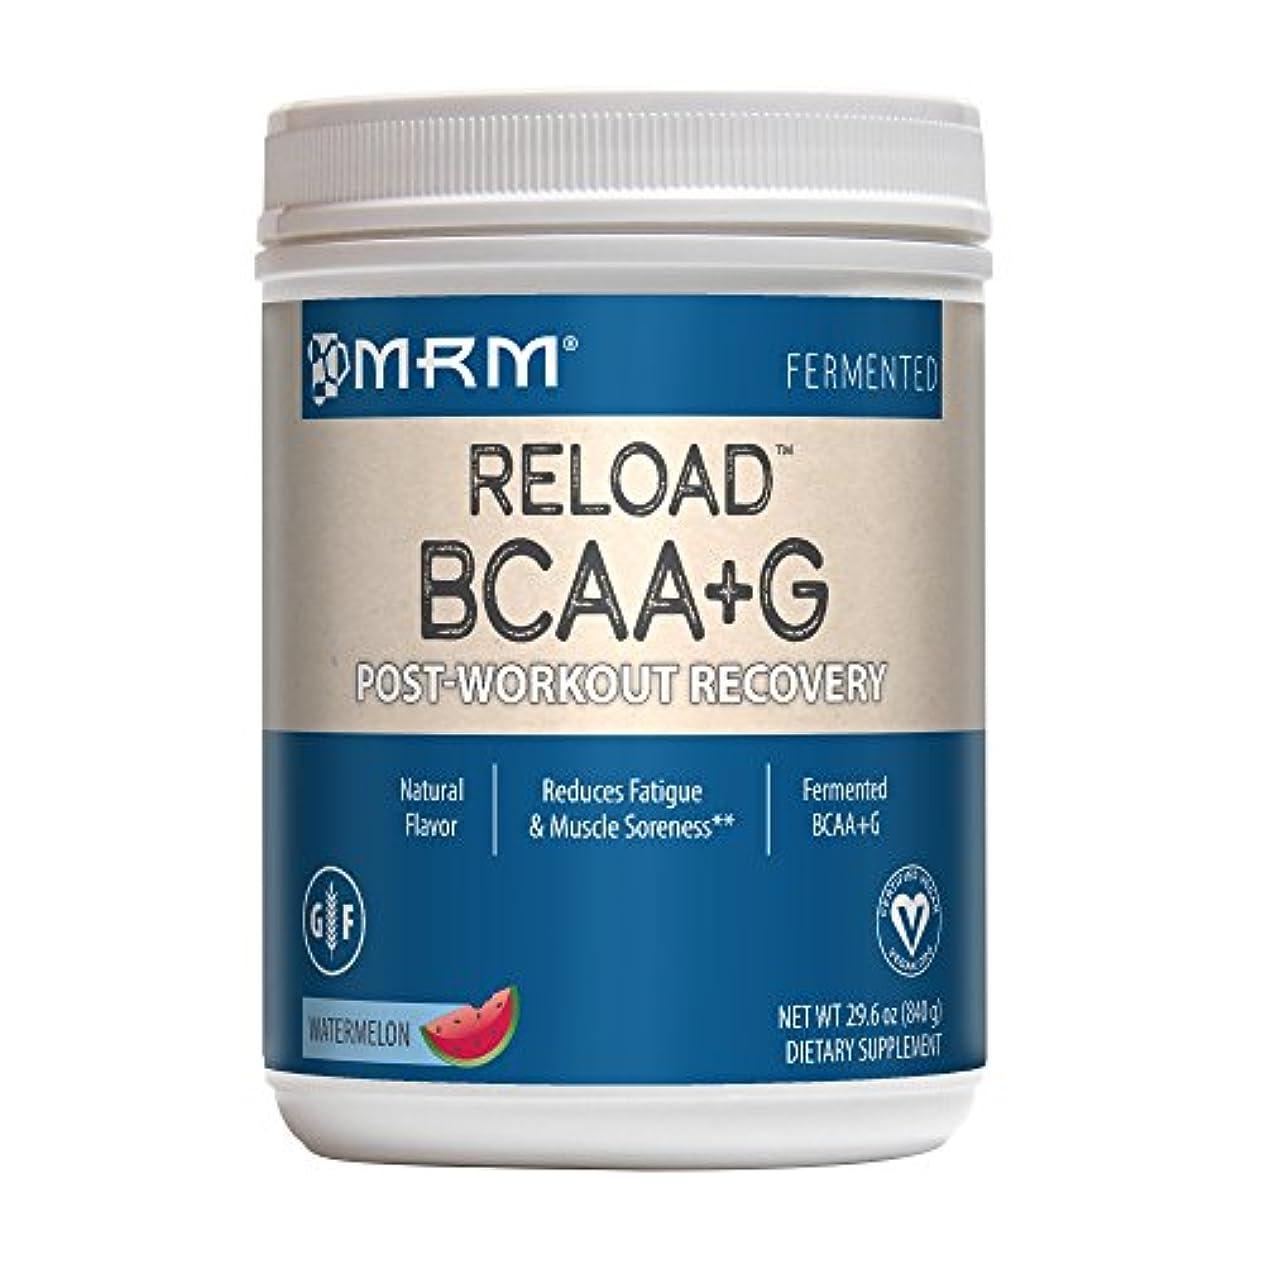 リロード(BCAA+G) (スイカ 840 g)